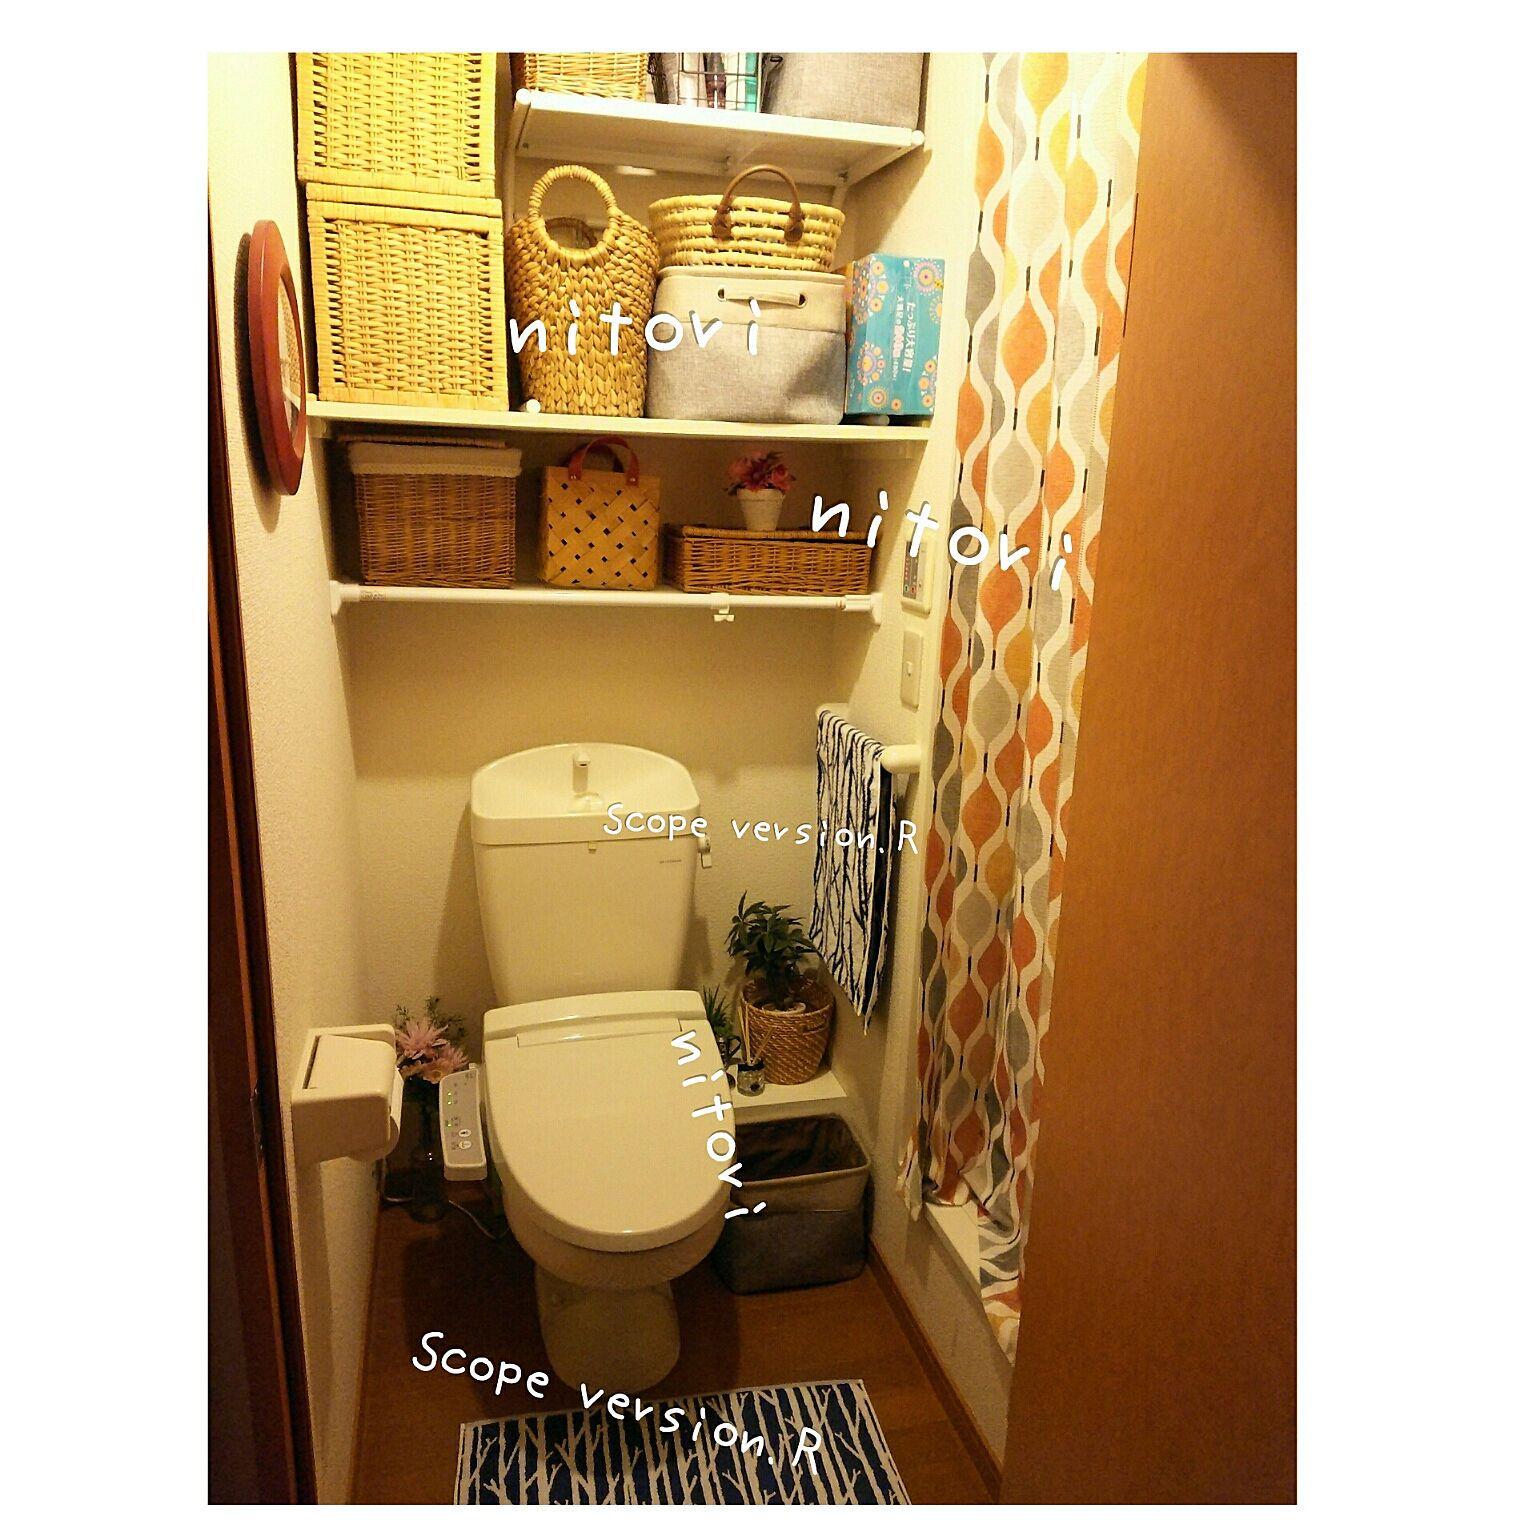 バス トイレ 賃貸 転勤族 新居 転勤族の部屋の記録 などのインテリア